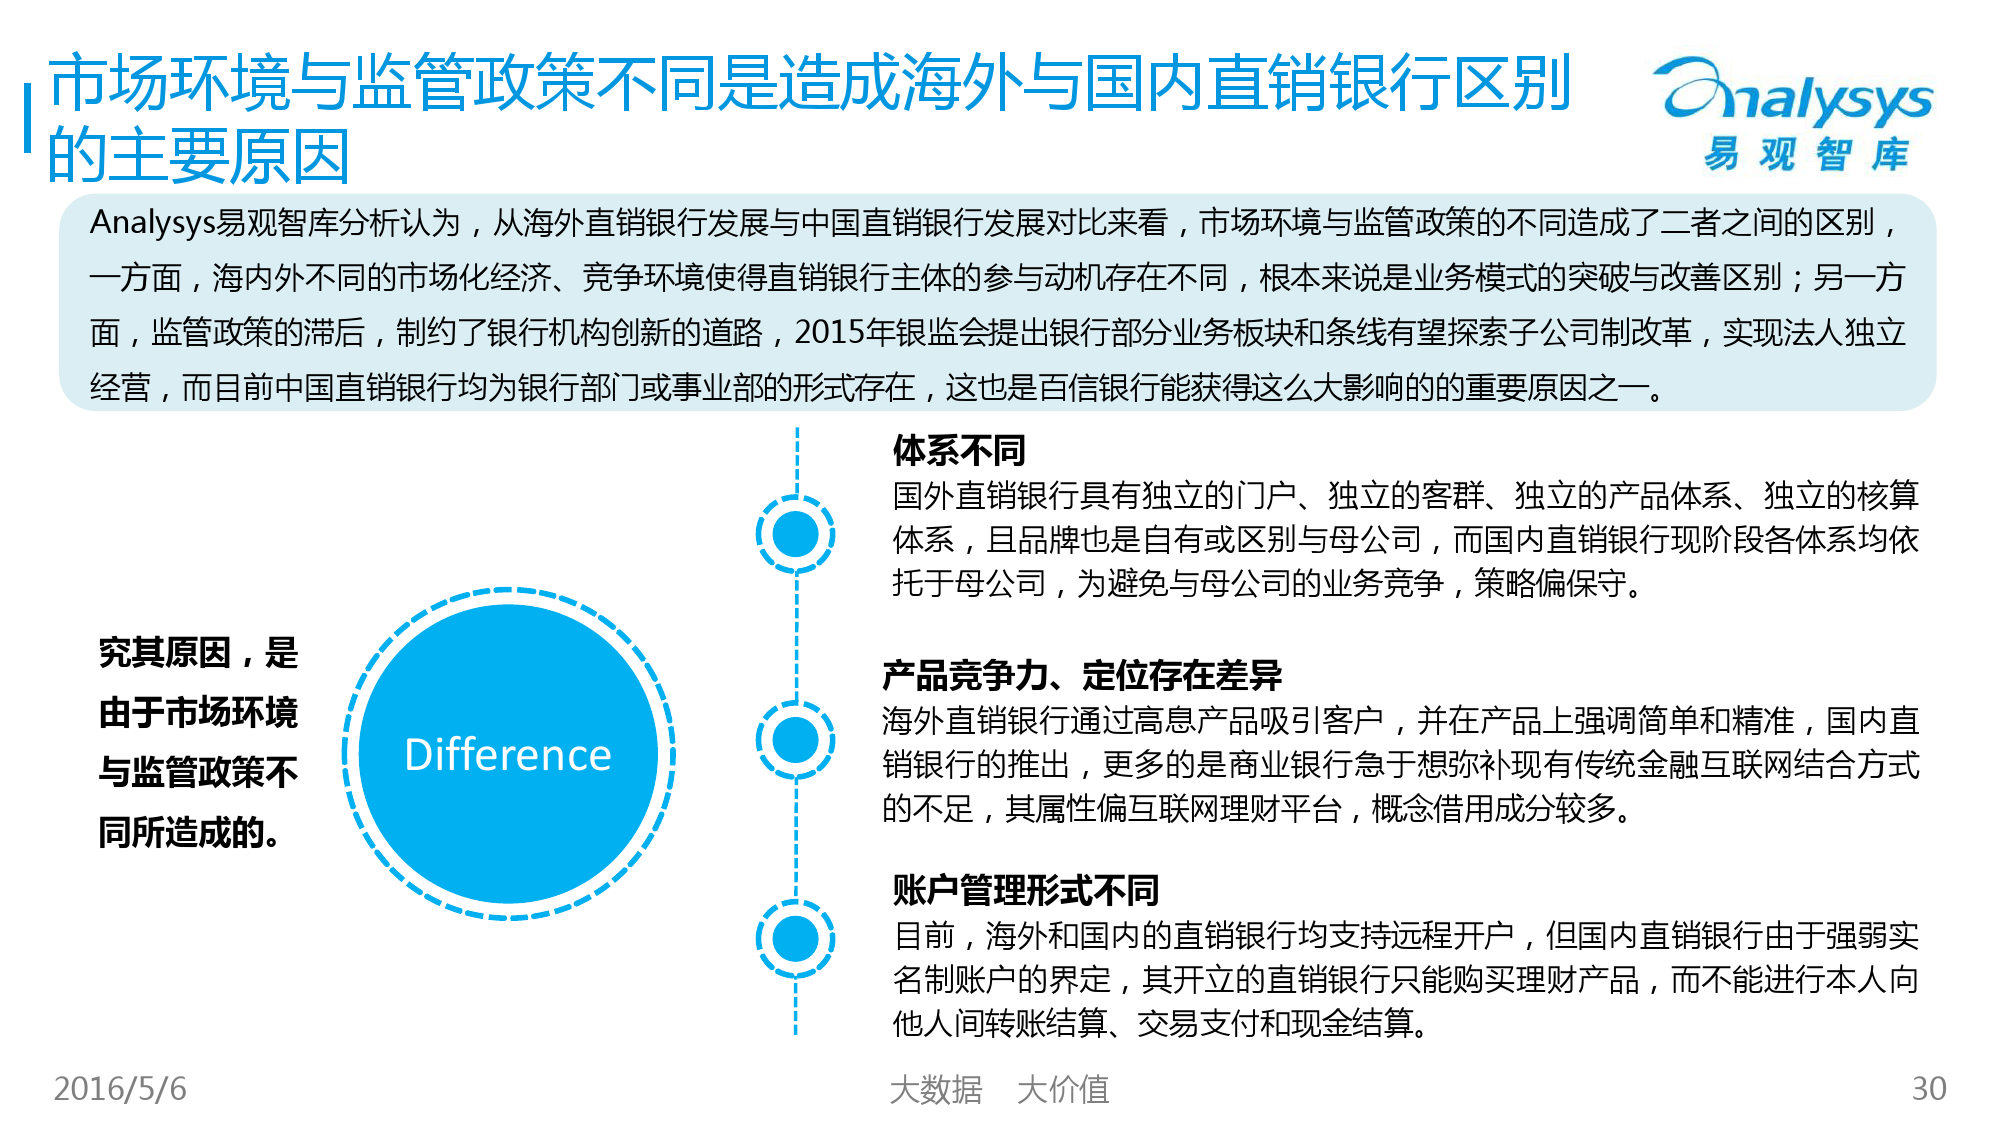 2016年中国直销银行市场专题研究报告_000030